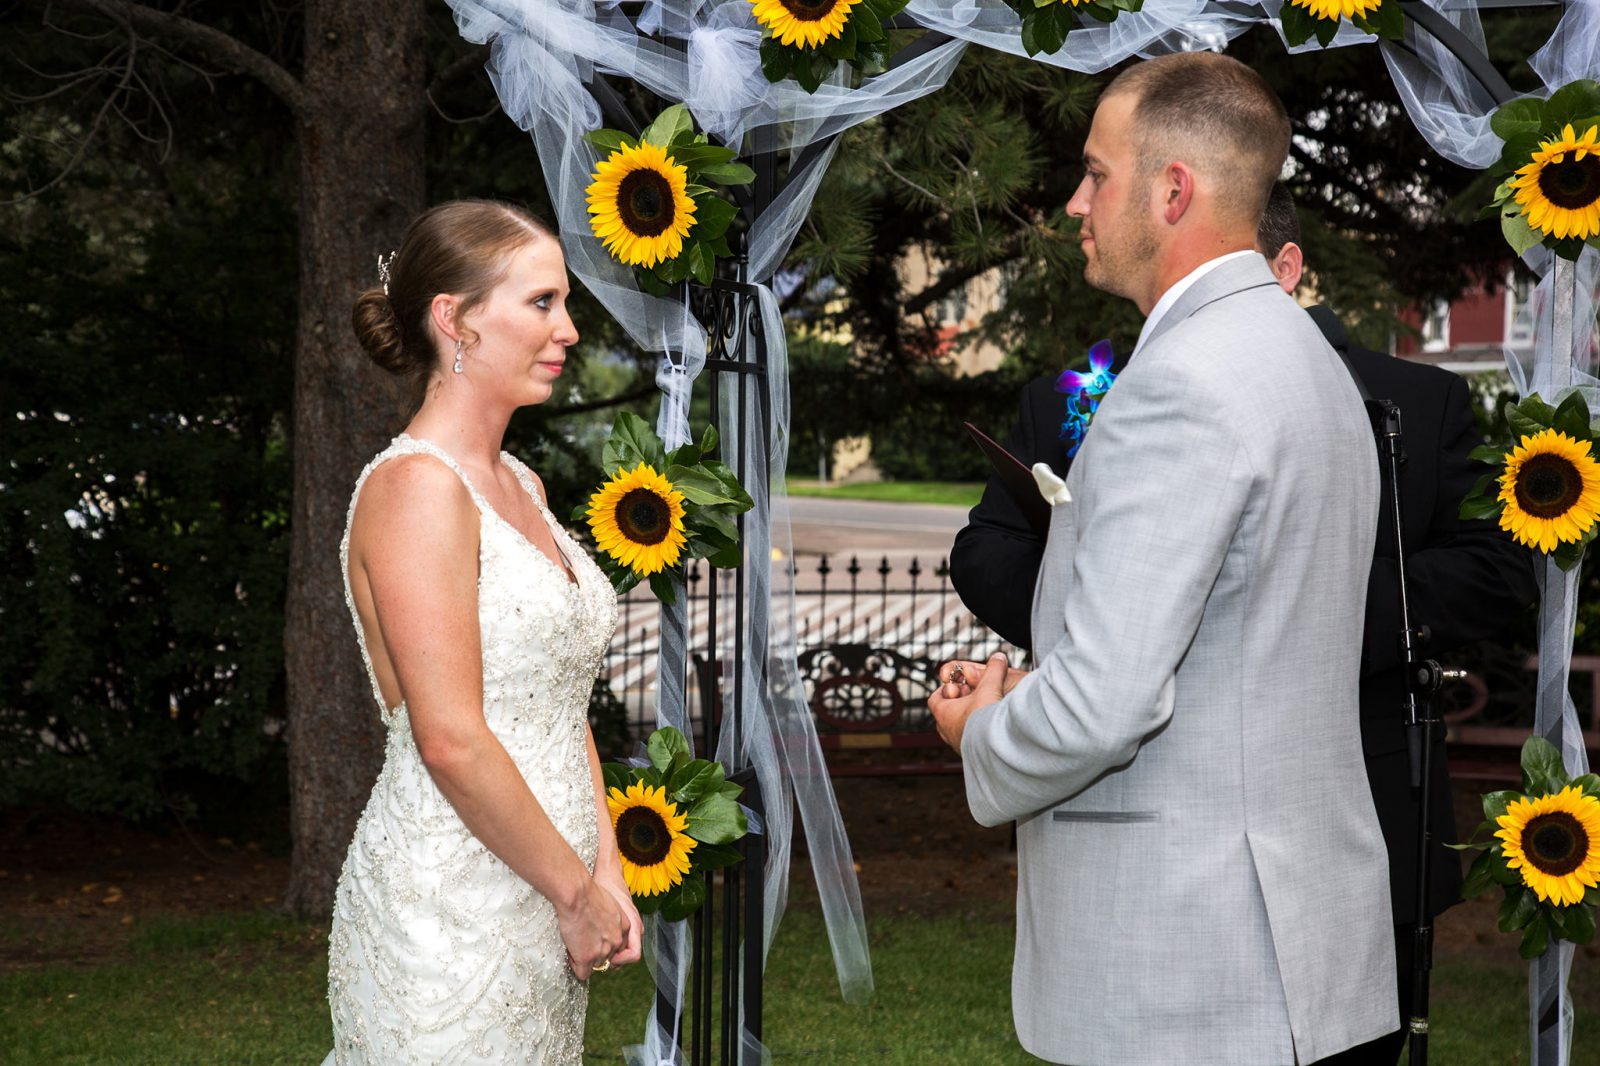 marchese_wedding_451 copy